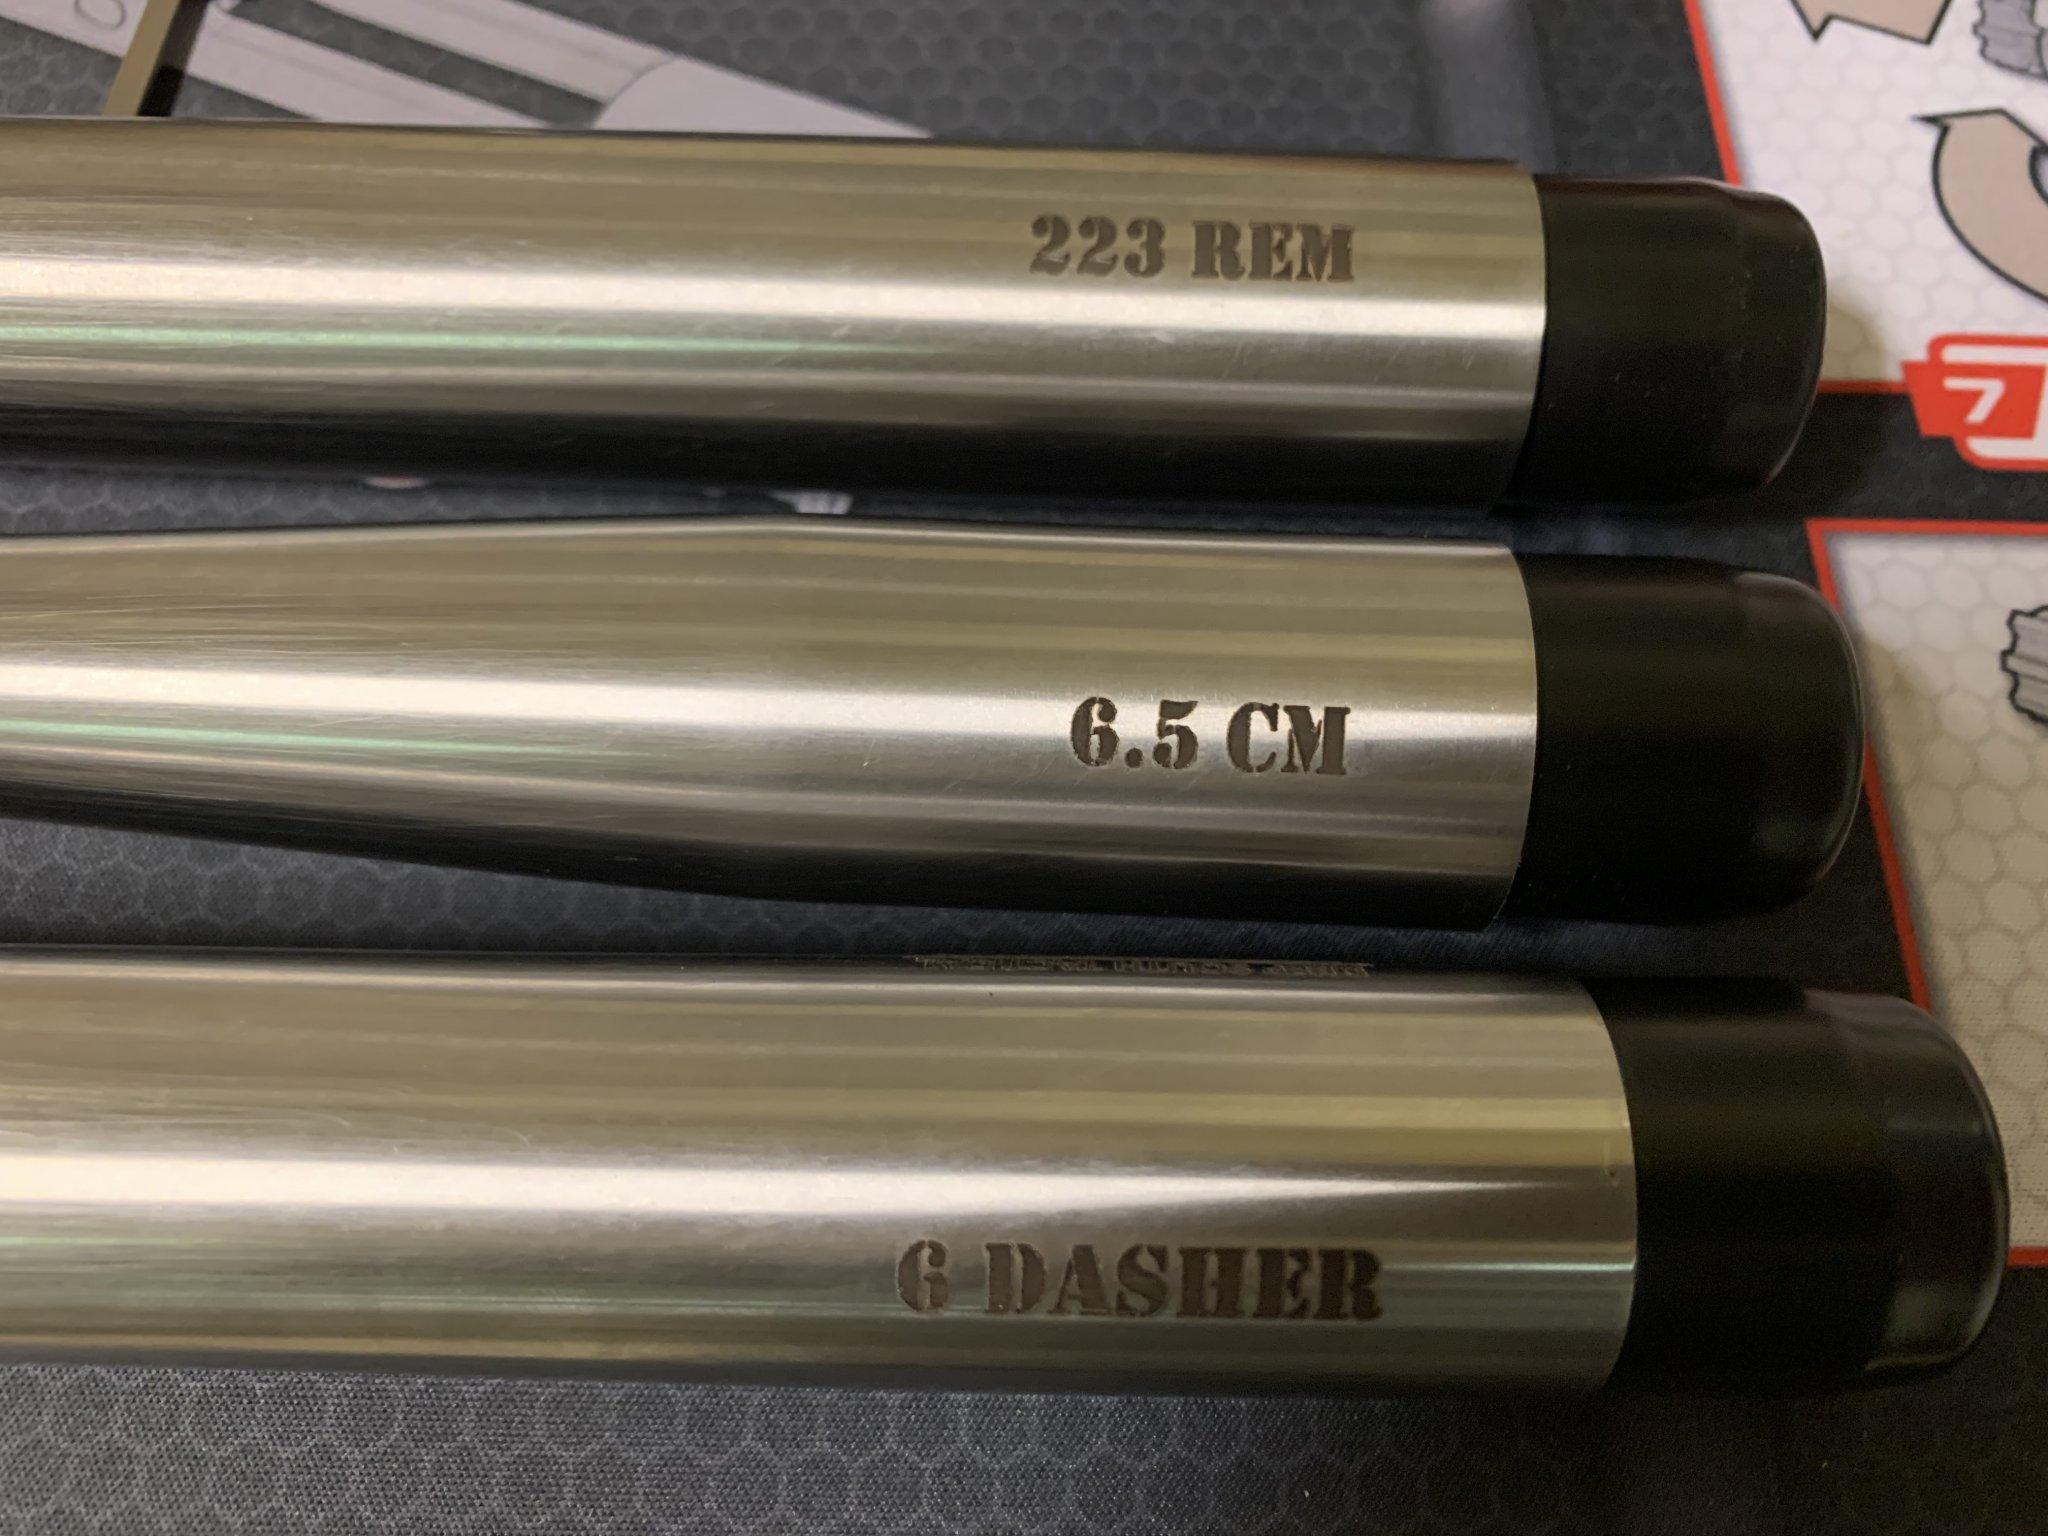 494D5F5C-5B86-432E-BA8D-DF2C3595595D.jpeg